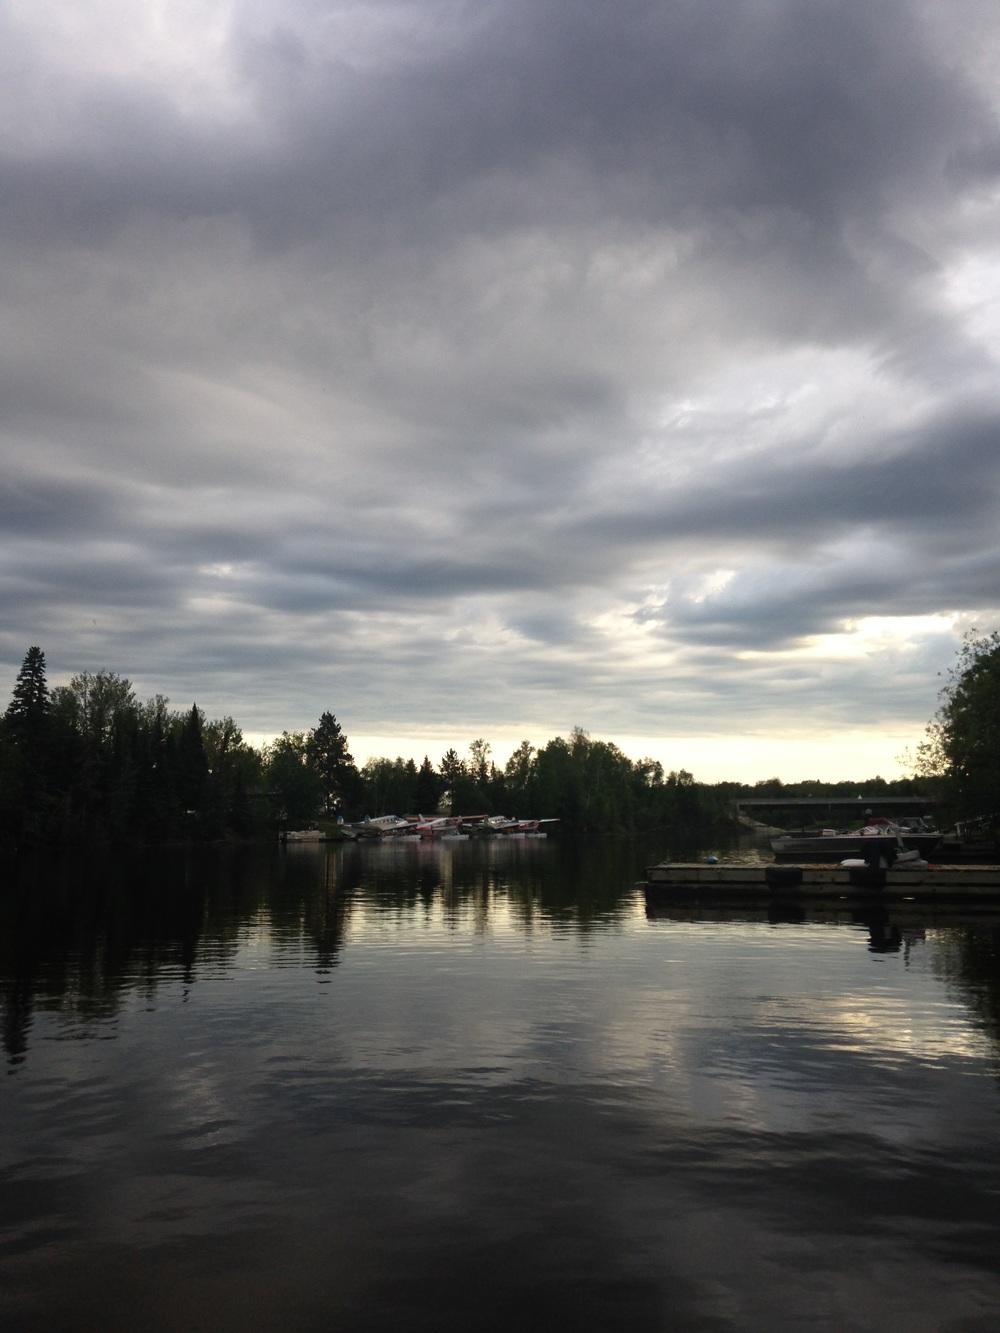 Gloomy-Weather-Canada-River.jpg